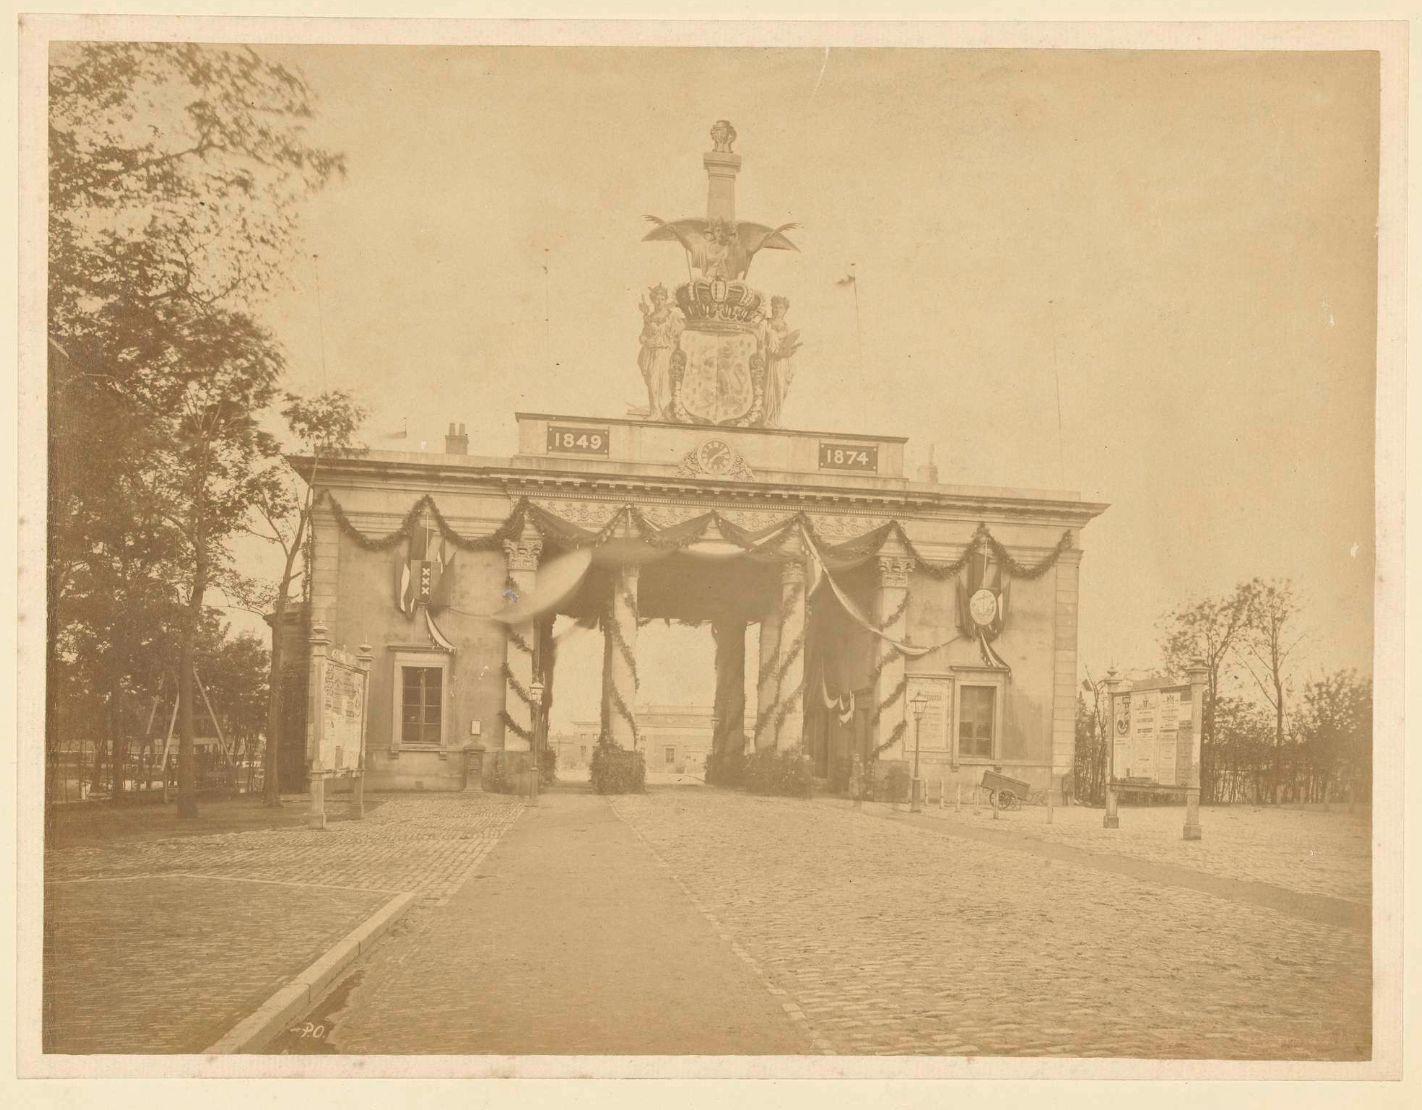 Willemspoort in 1874.